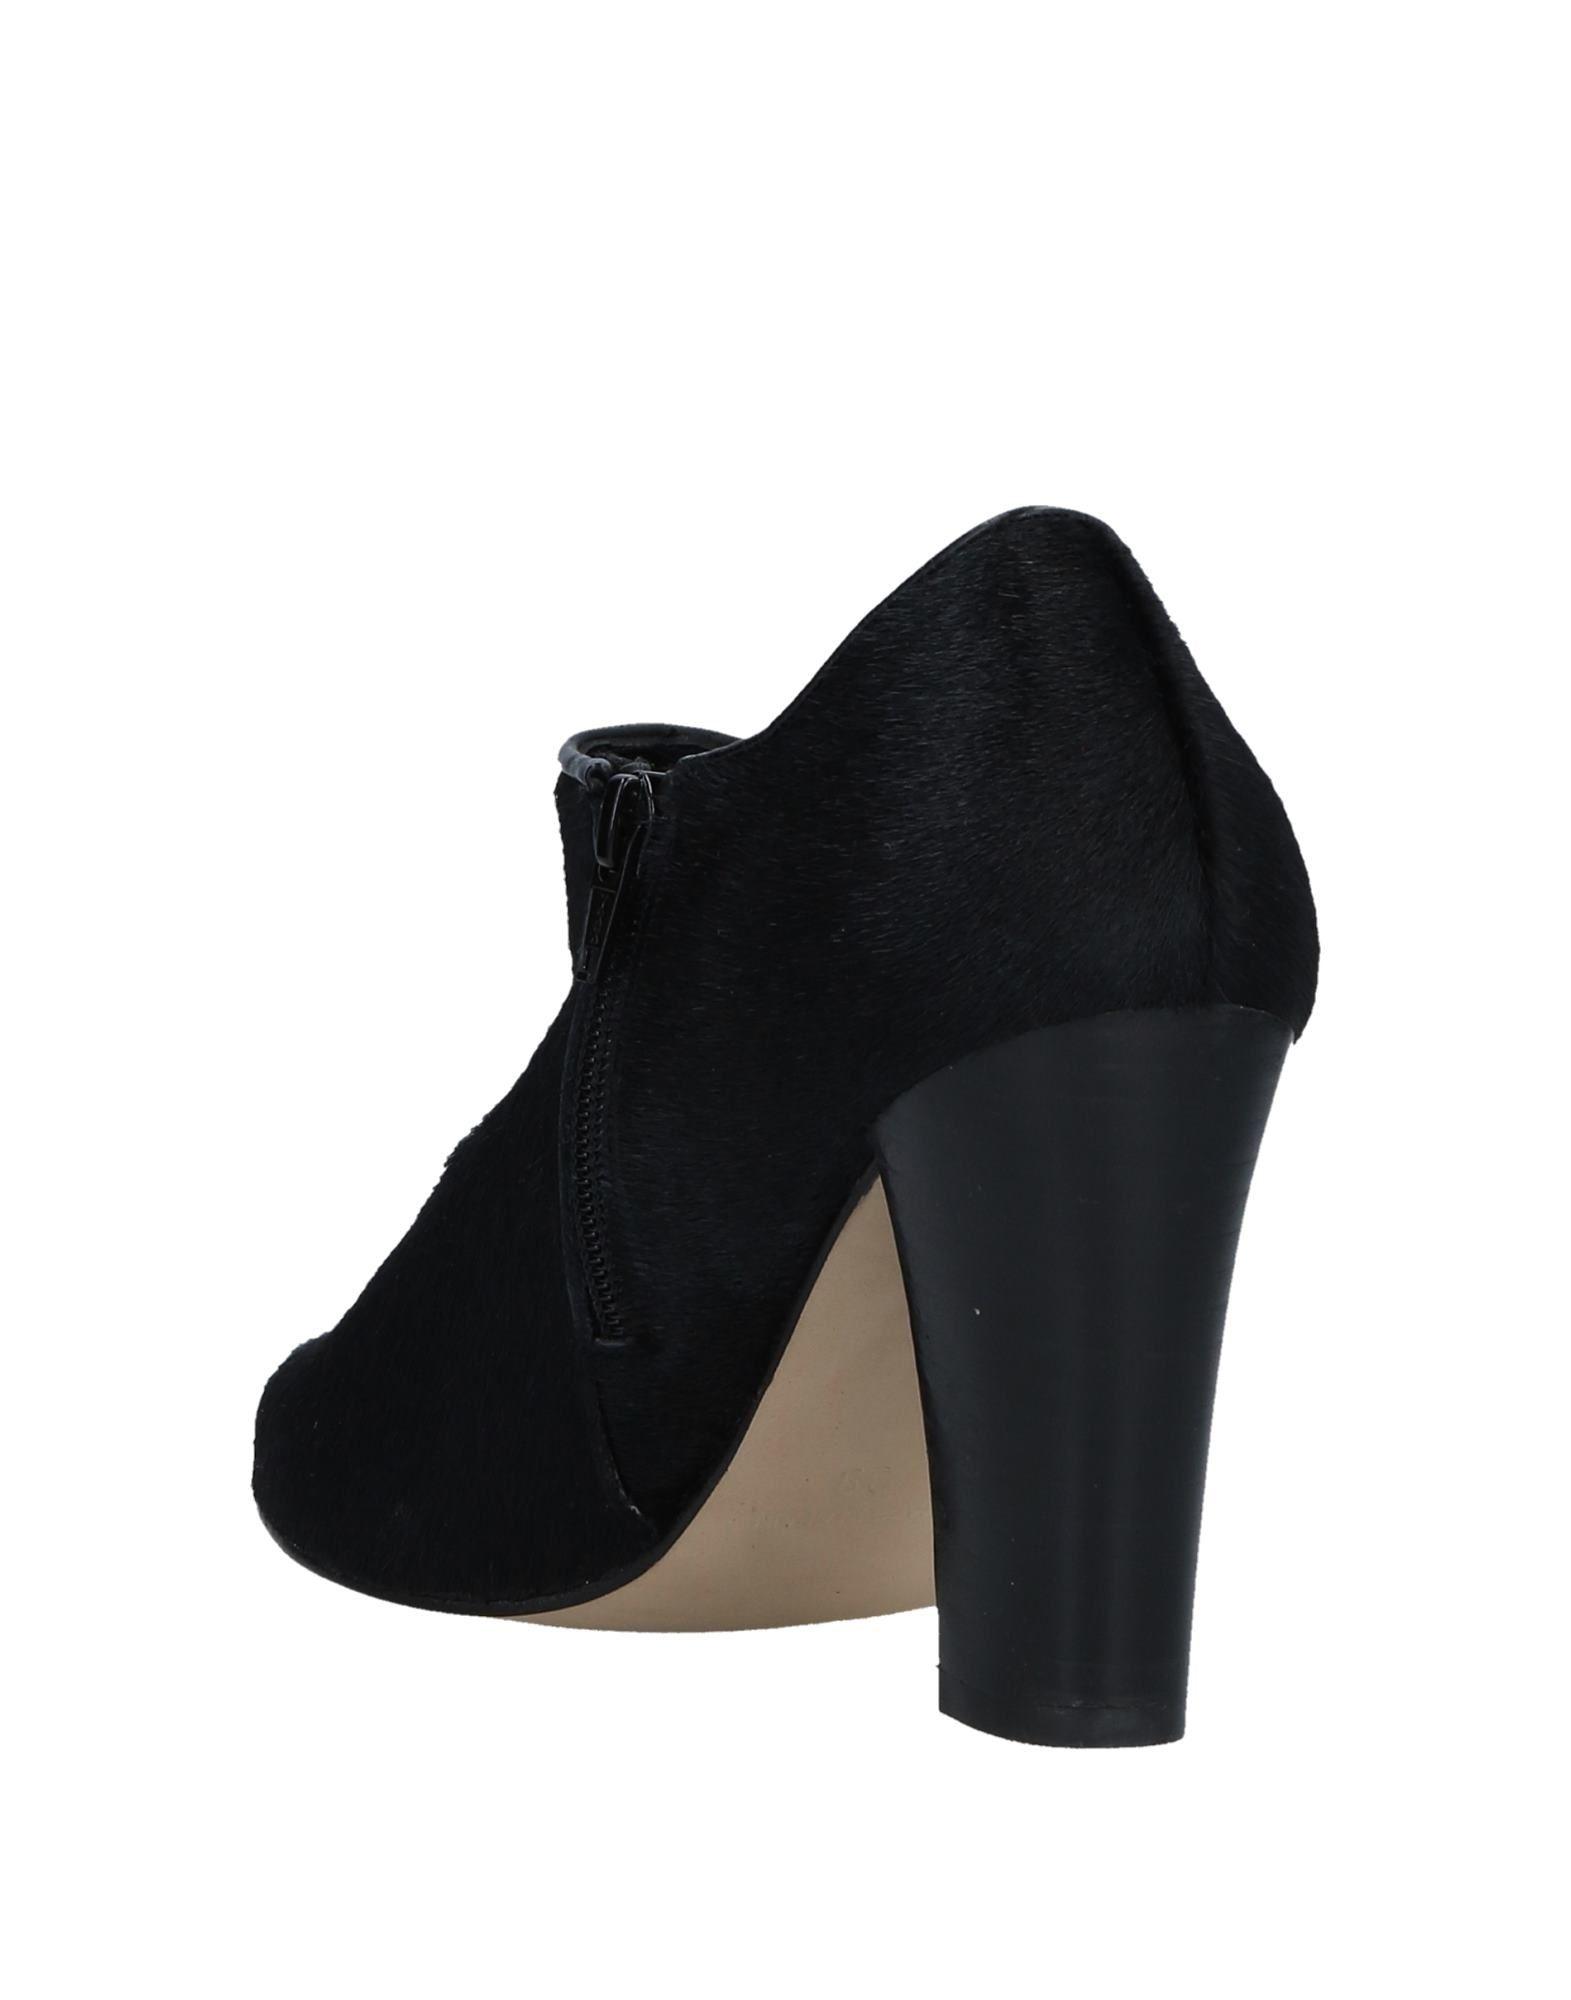 C.Waldorf Gute Stiefelette Damen  11534140UN Gute C.Waldorf Qualität beliebte Schuhe 1822d0